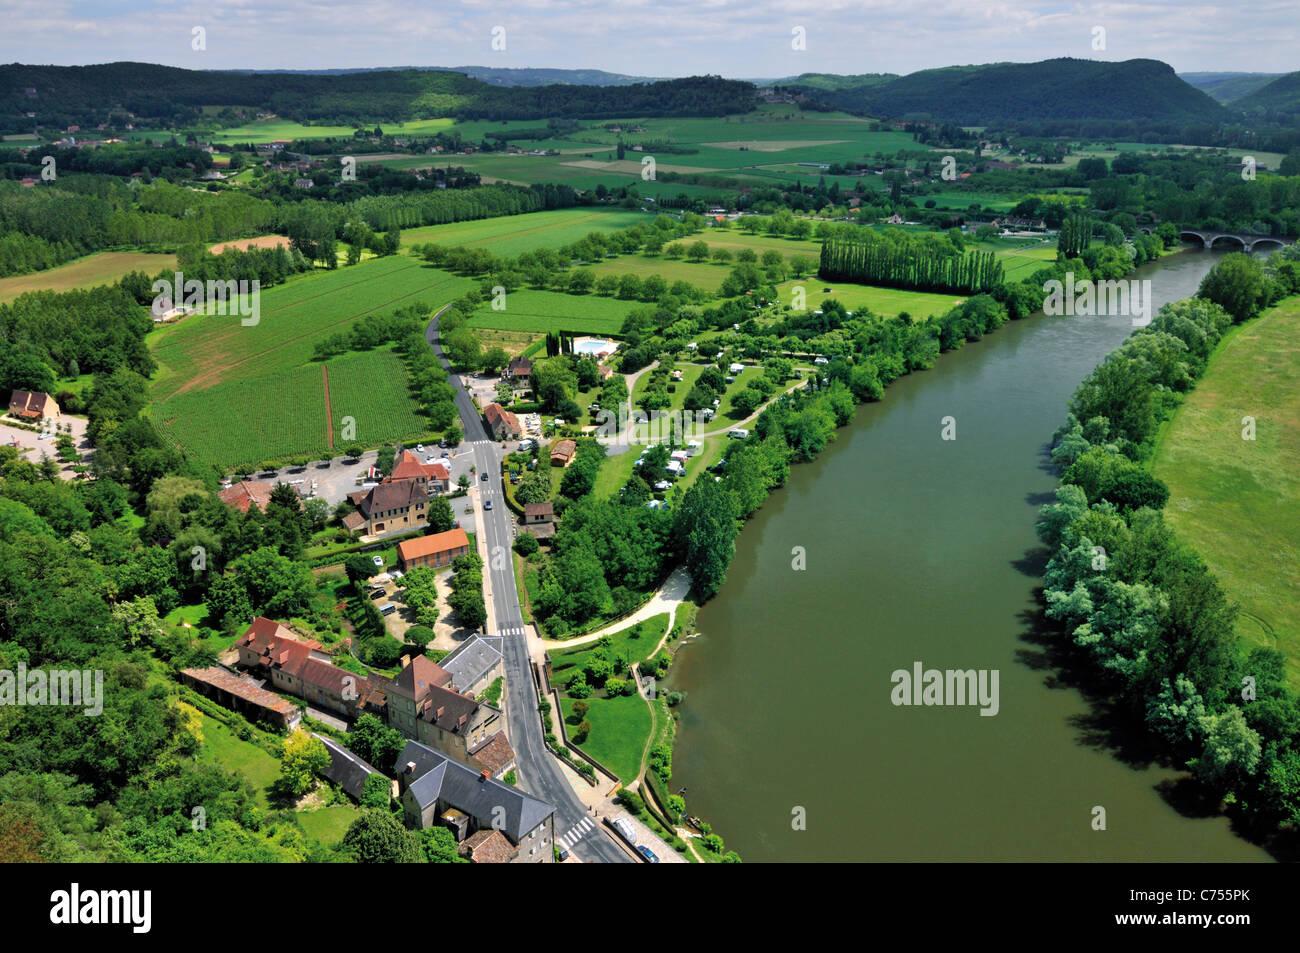 Francia, Perigord: Vista desde el Château de Beynac al Dordogne-Valley Imagen De Stock